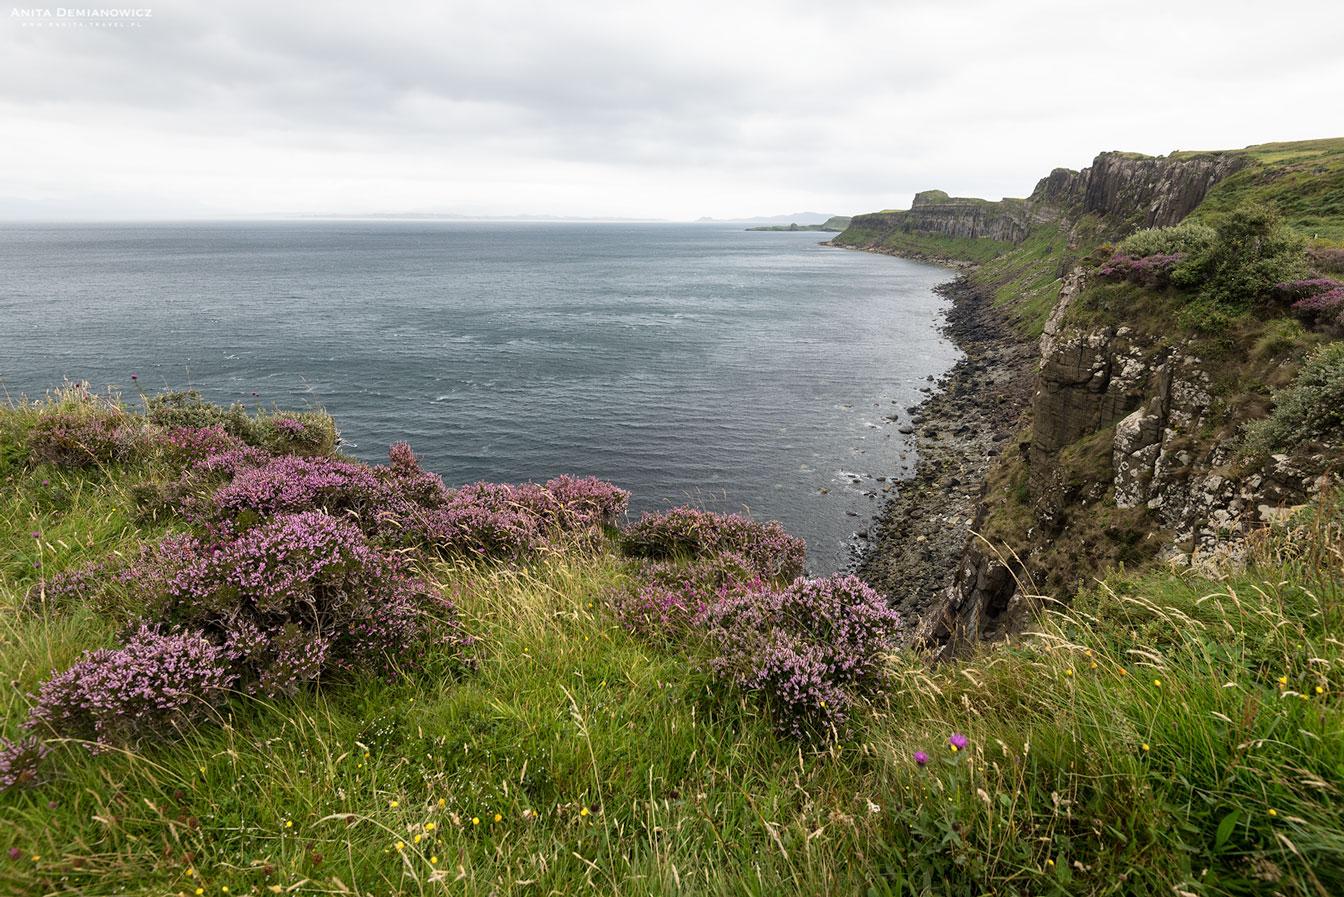 Kilt Rock, Isle of Skye, Szkocja, Anita Demianowicz